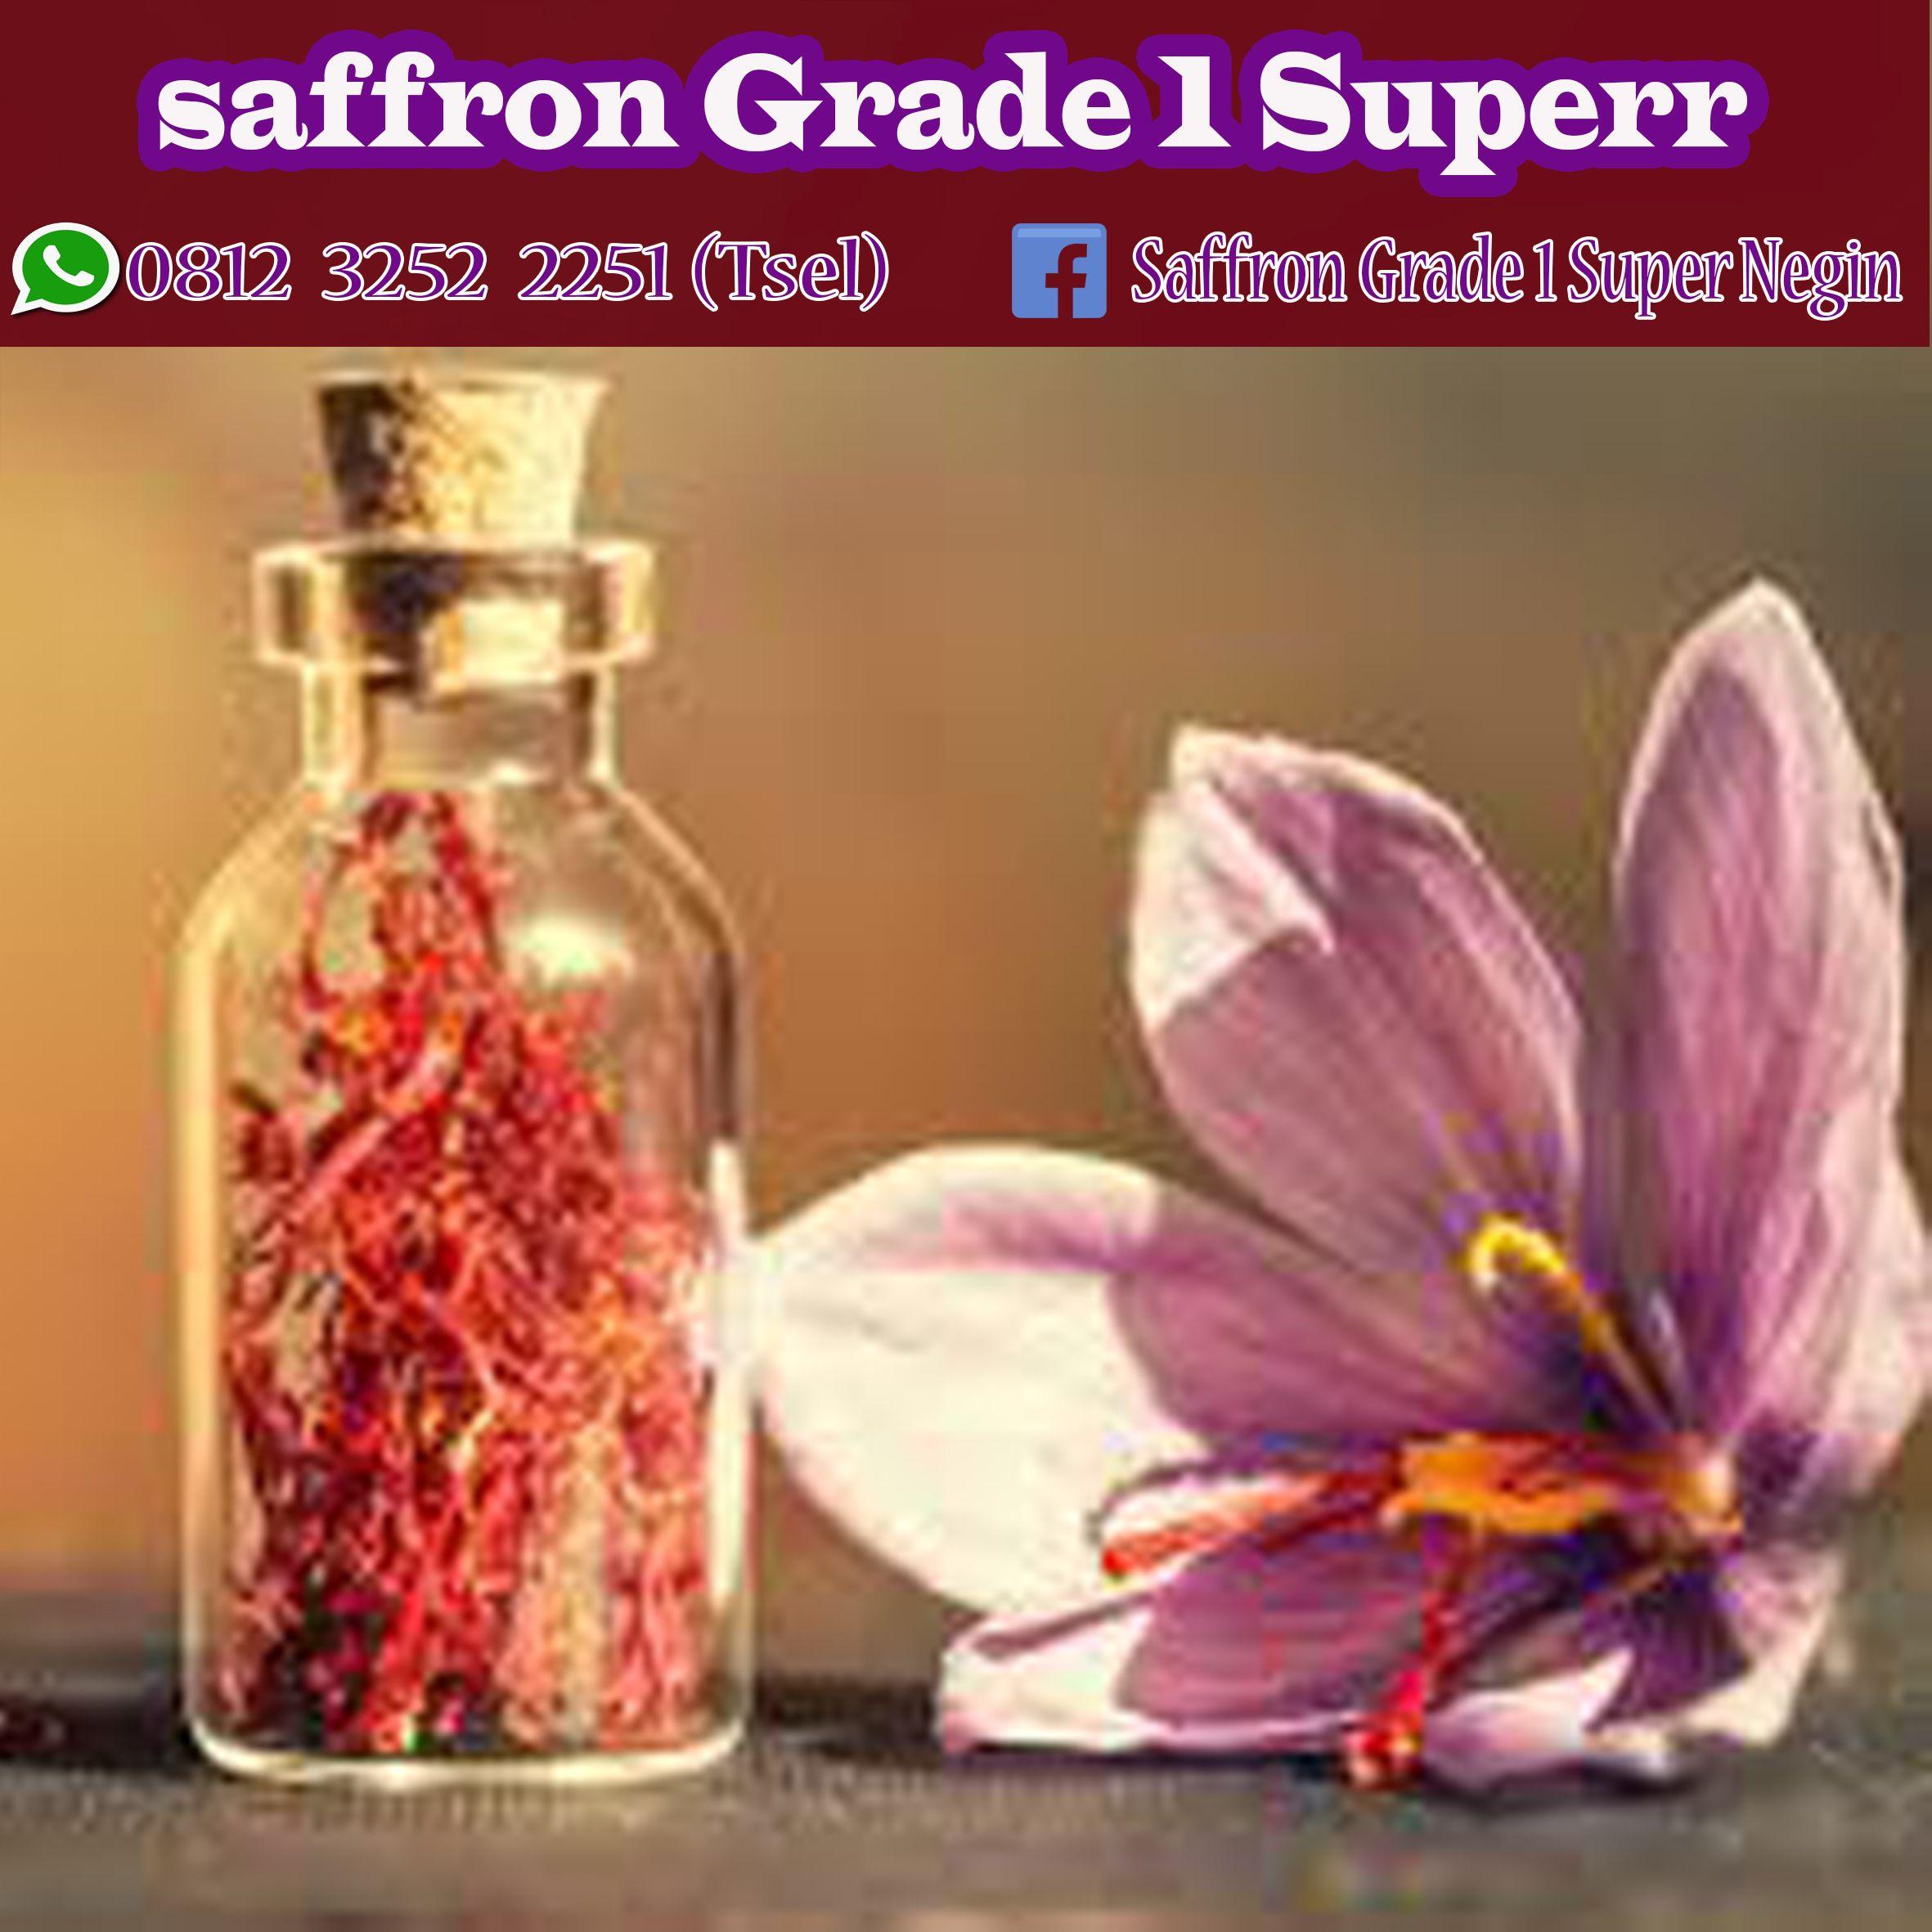 Terbaik Wa 62 812 3252 2251 Tsel Jual Bunga Saffron 1 Gram Bogor Yogyakarta Penjual Bunga Bunga Yogyakarta